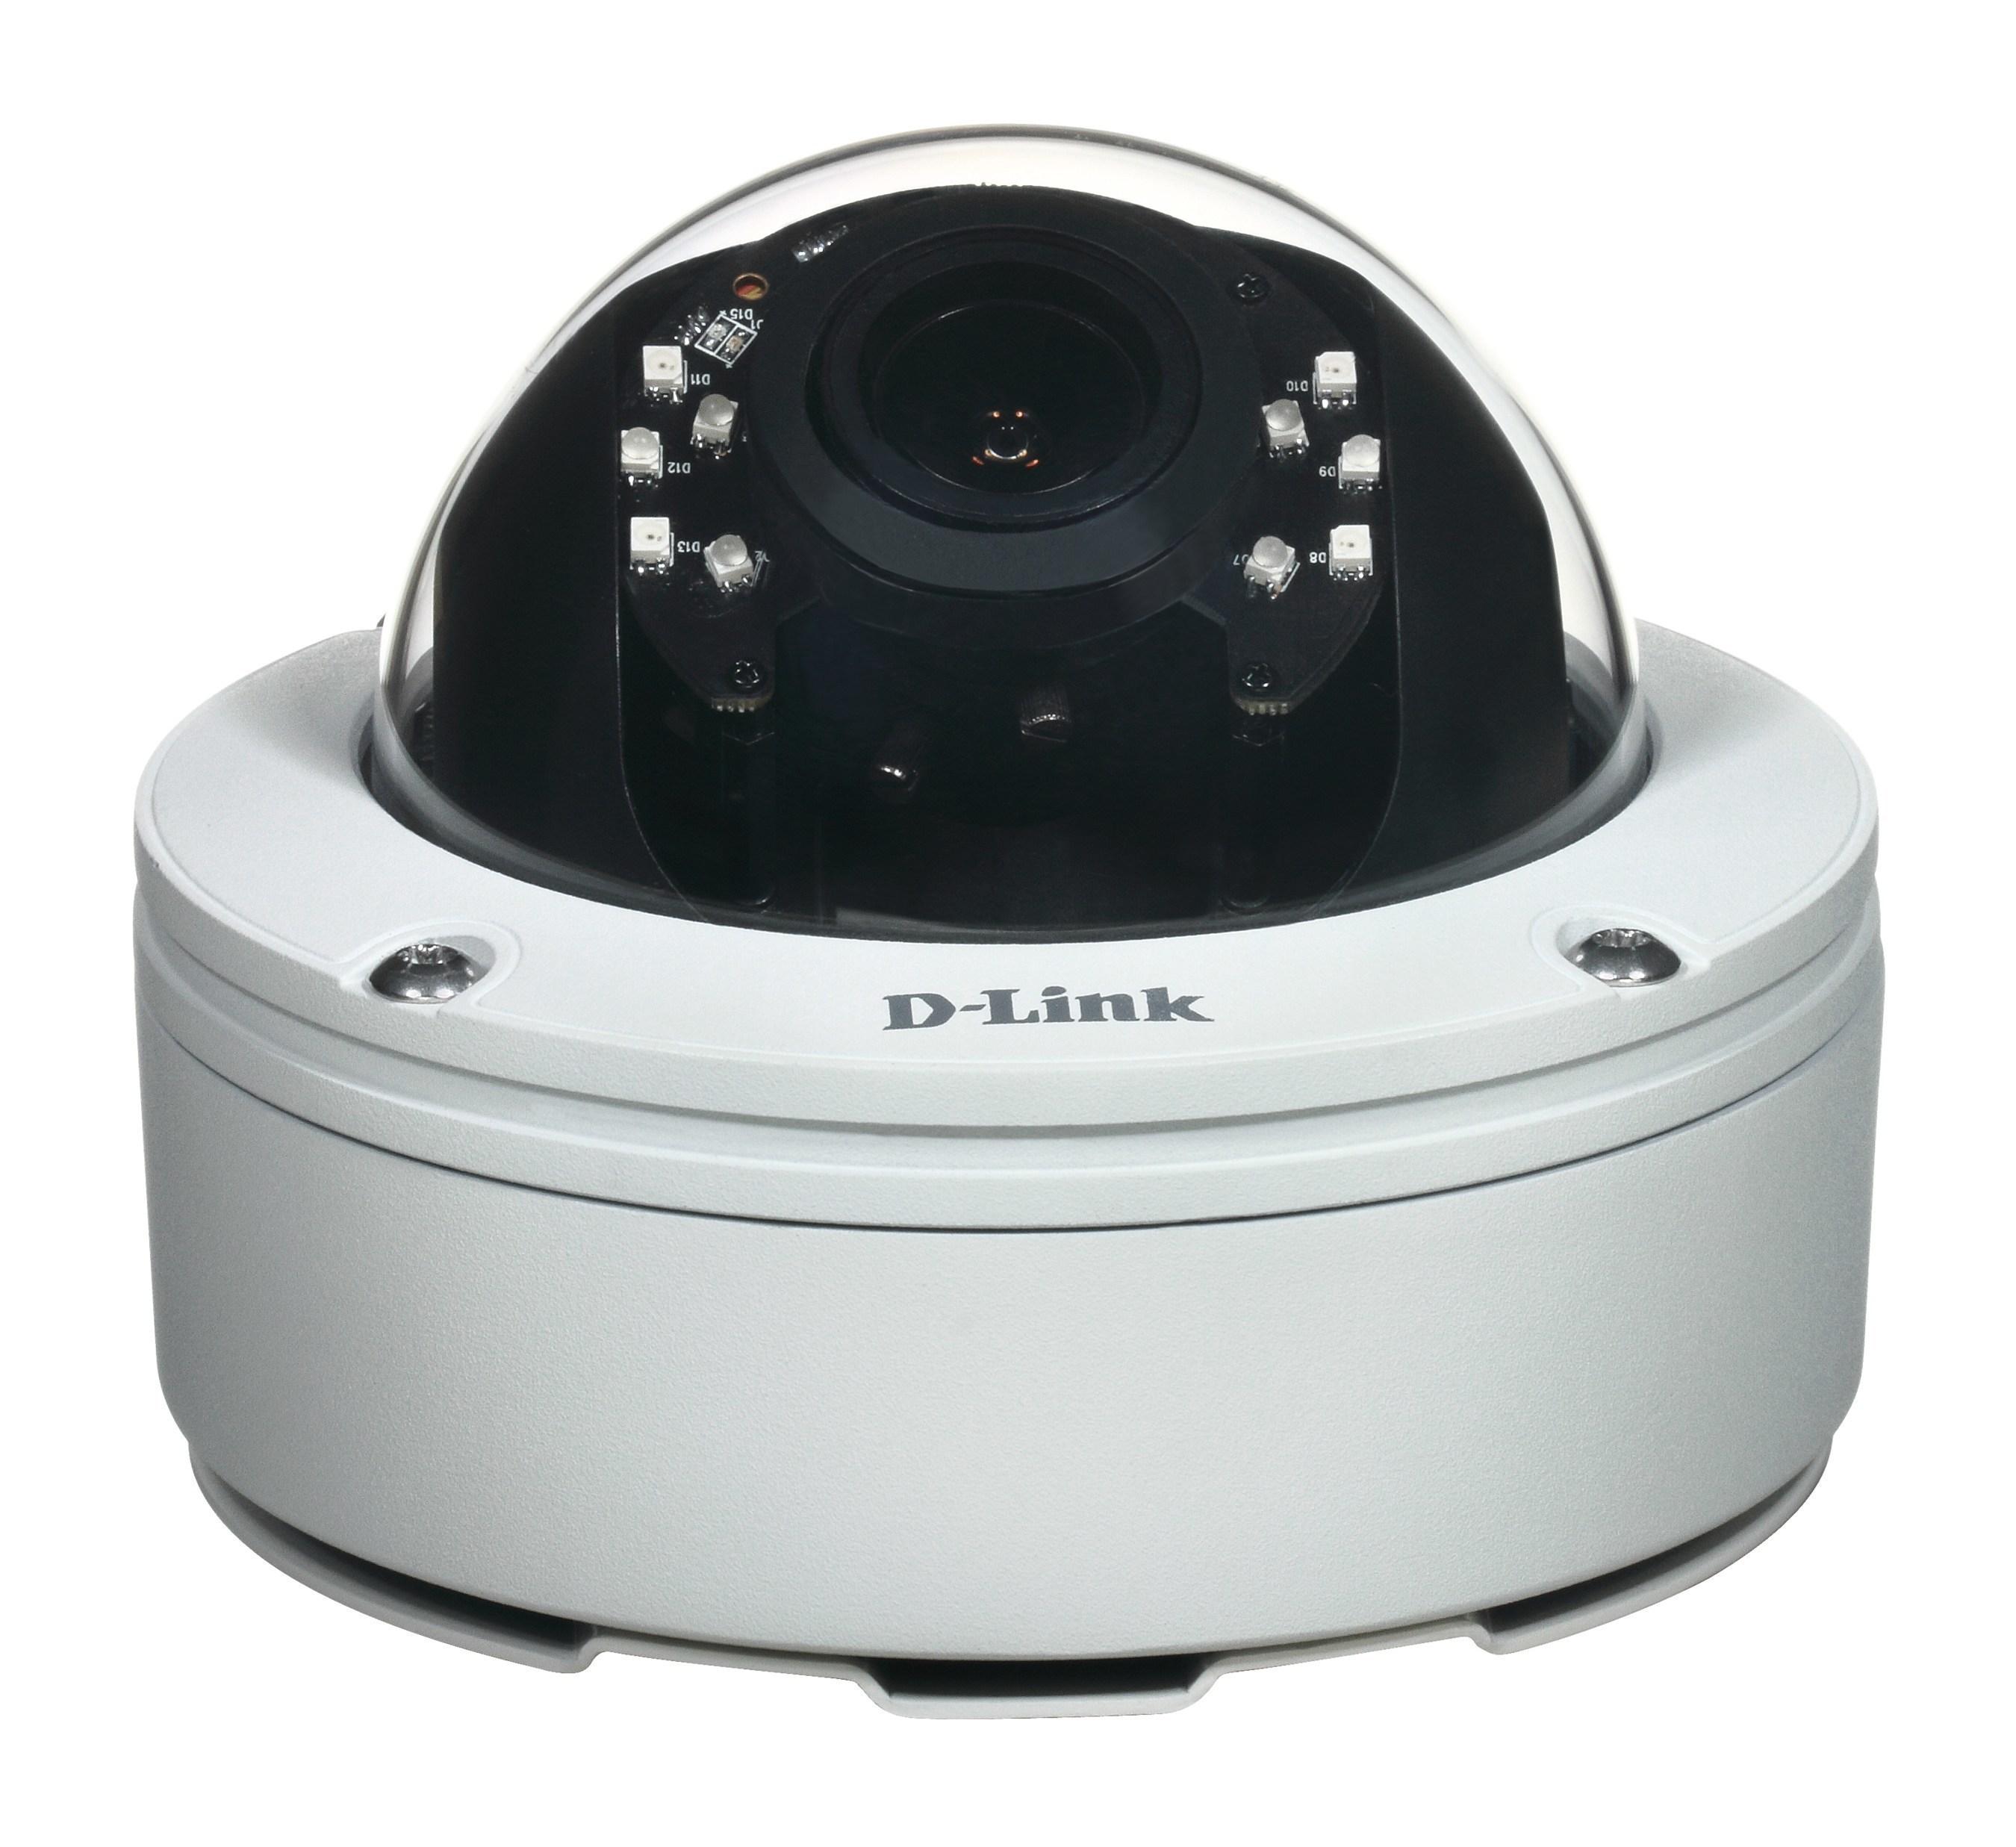 D-Link 5-Megapixel Dome Network Camera (DCS-6517)